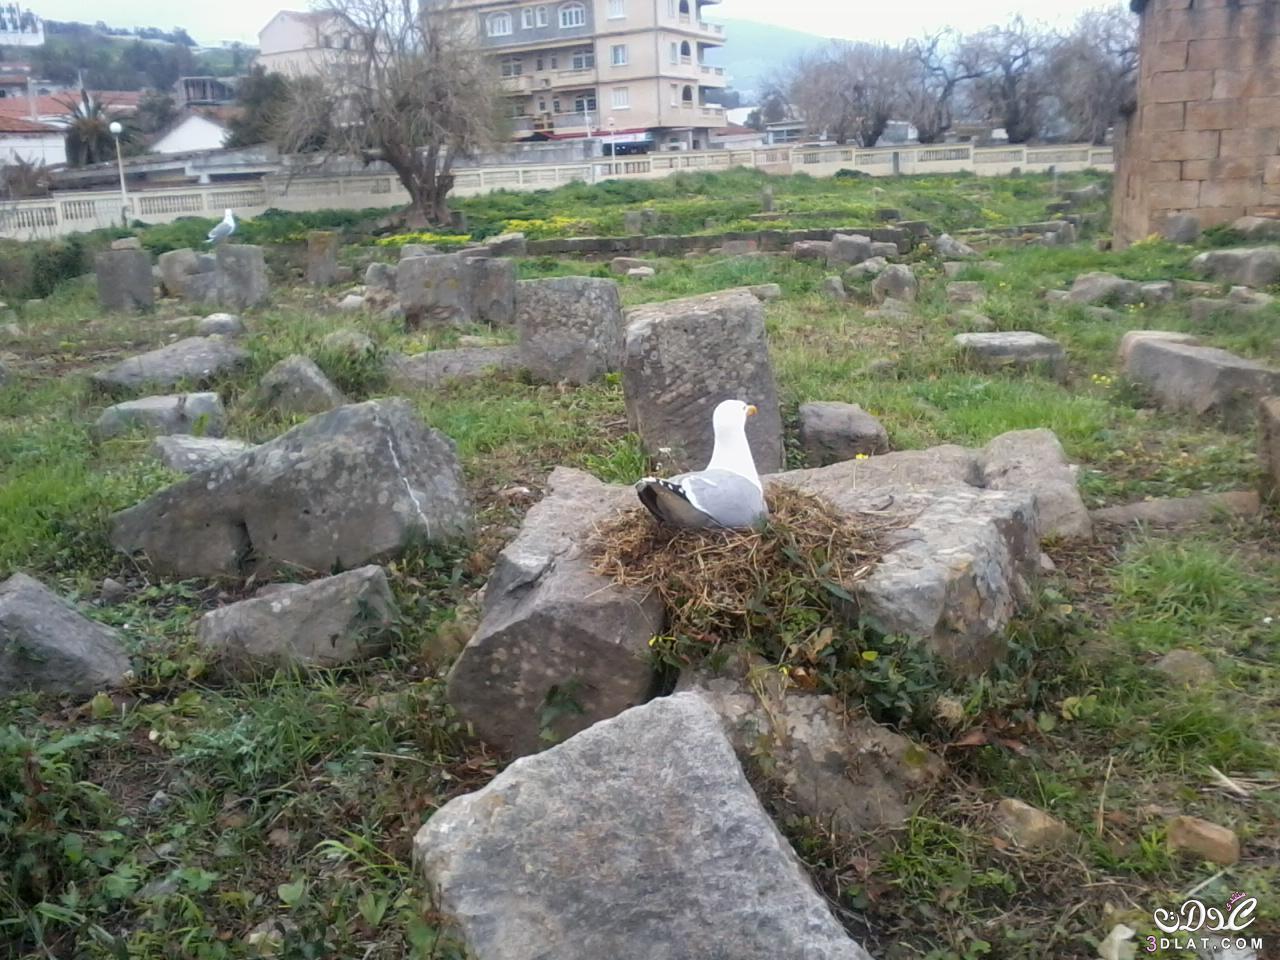 صور حيوانات وسط طبيعة خلابة - من تصويري - 3dlat.com_1413730706